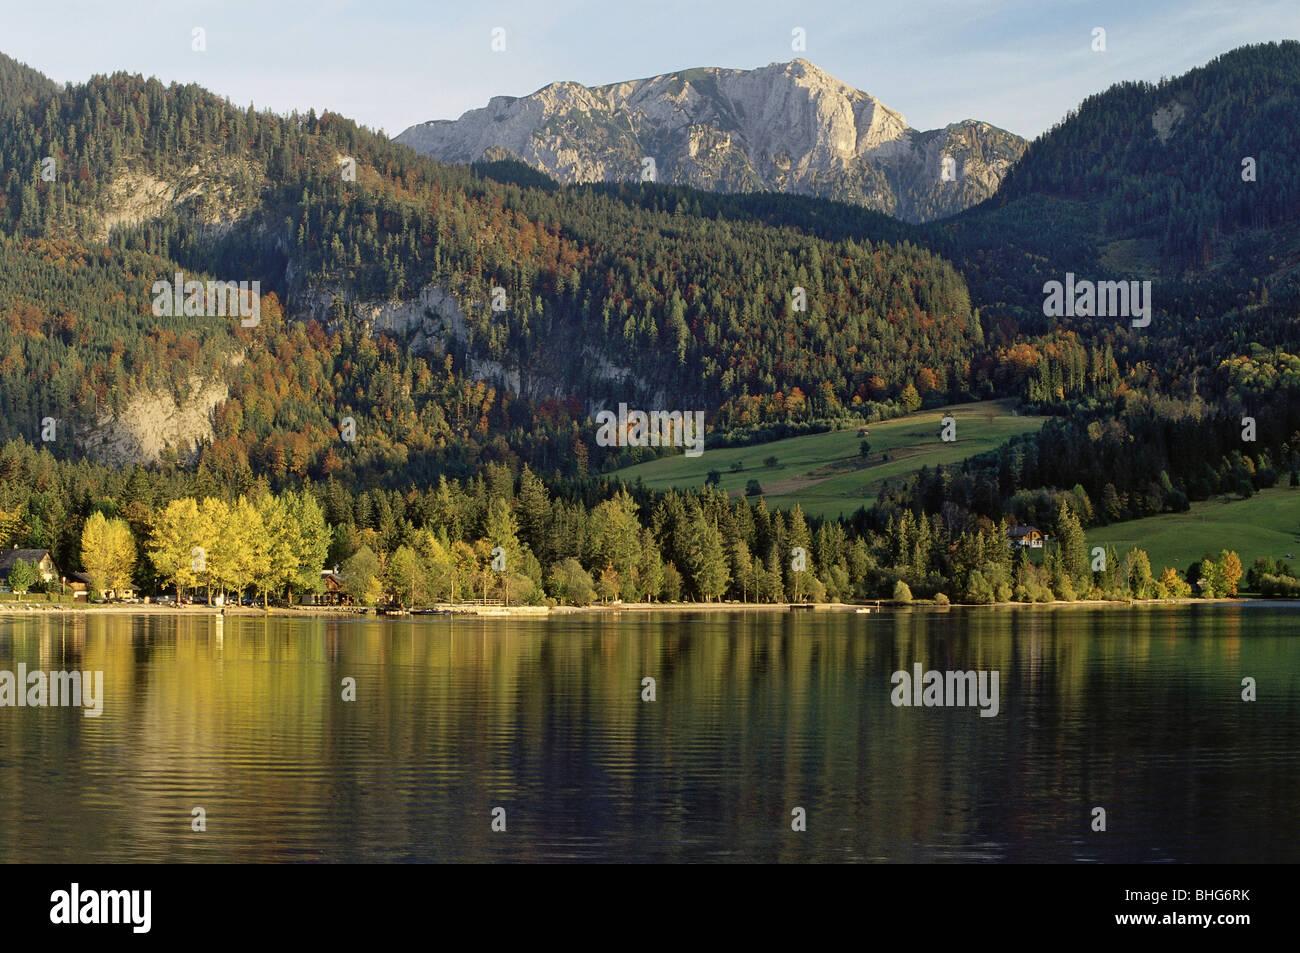 Geografía / viajes, Austria, Estiria, los paisajes, la vista del lago Grundlsee (Grundl), cerca Goessl, Additional Imagen De Stock